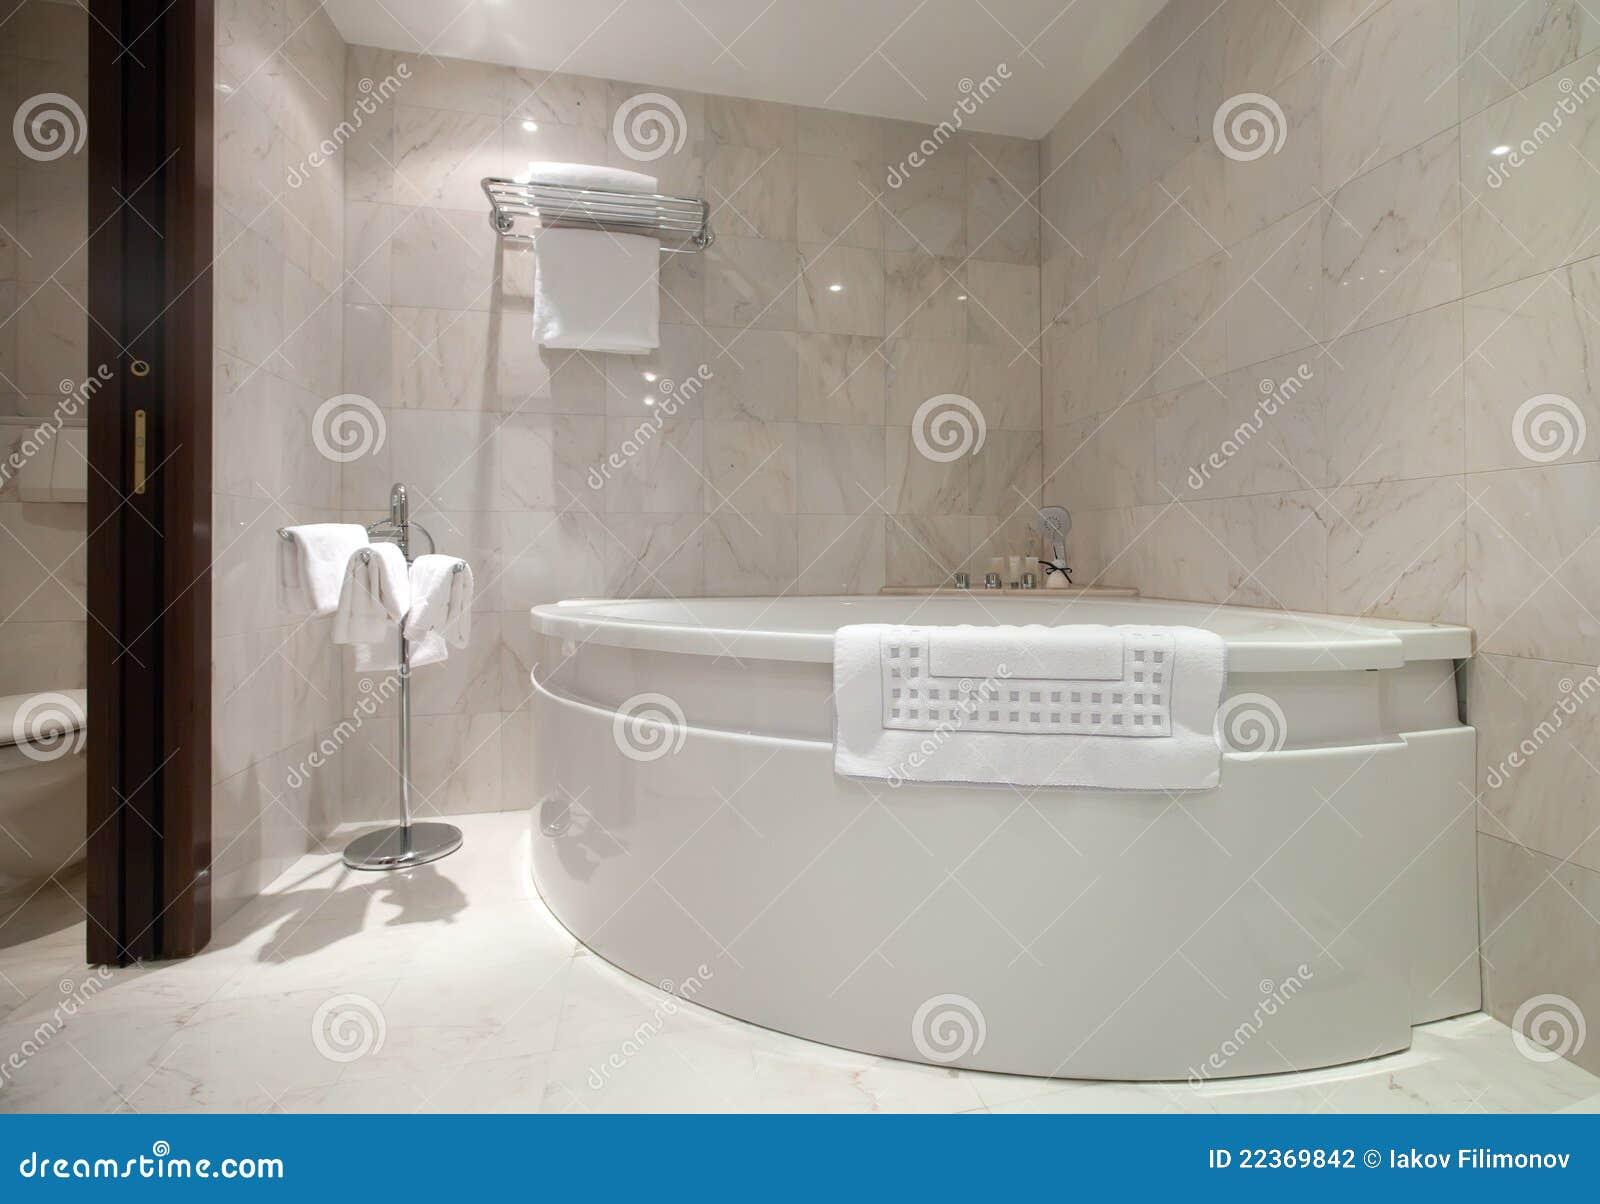 Badezimmer Mit Eckbadewanne Stockfoto - Bild von minimal, elegant ...